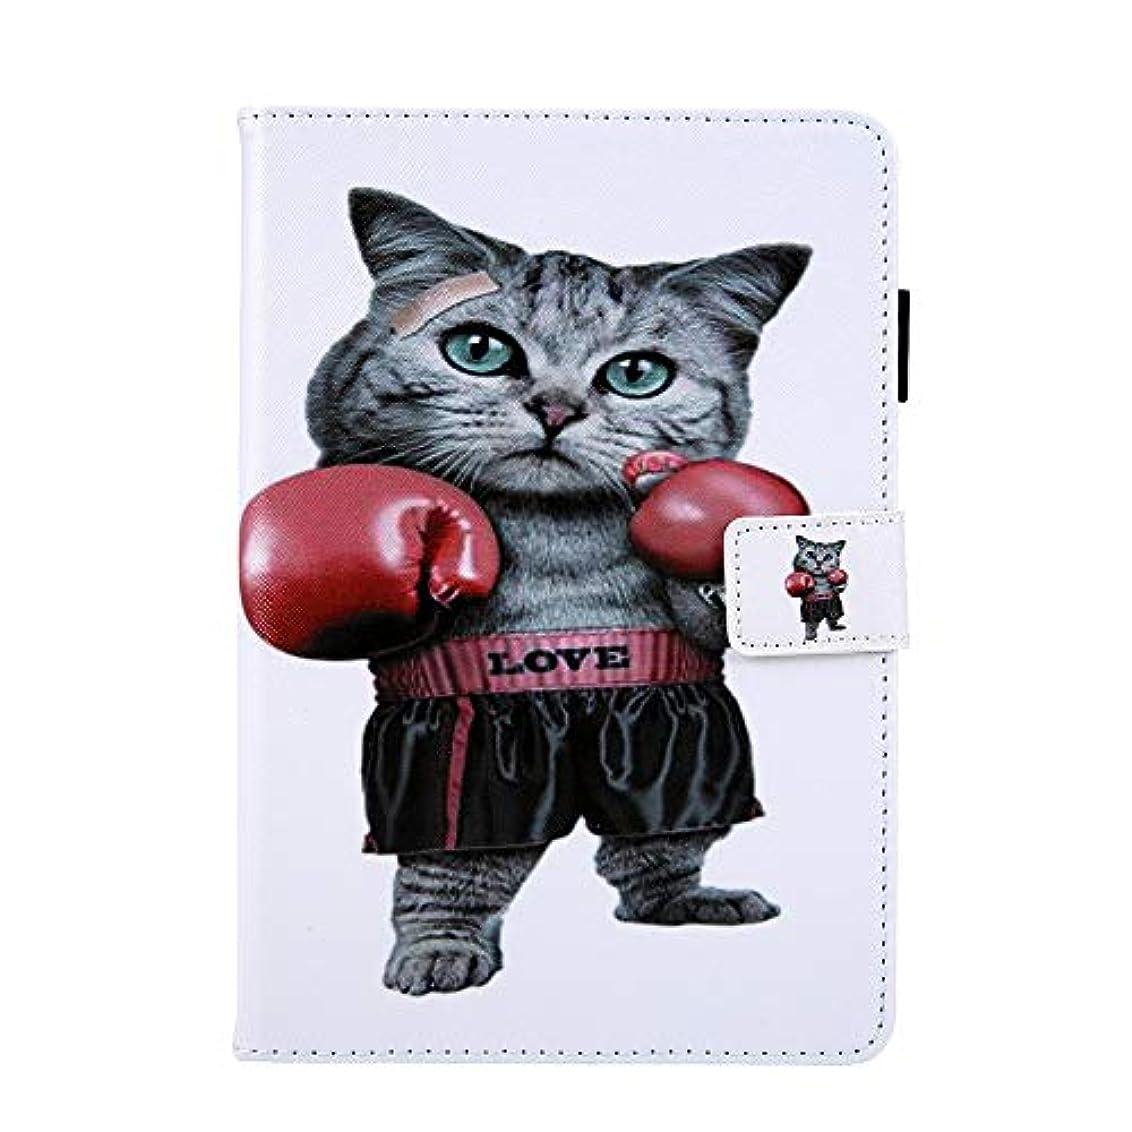 賞ケーブルタッチiPad Mini 1 2 3 4 ケース、フレッシュスタイル、カードポケット スタンド機能 、 ボクシング猫